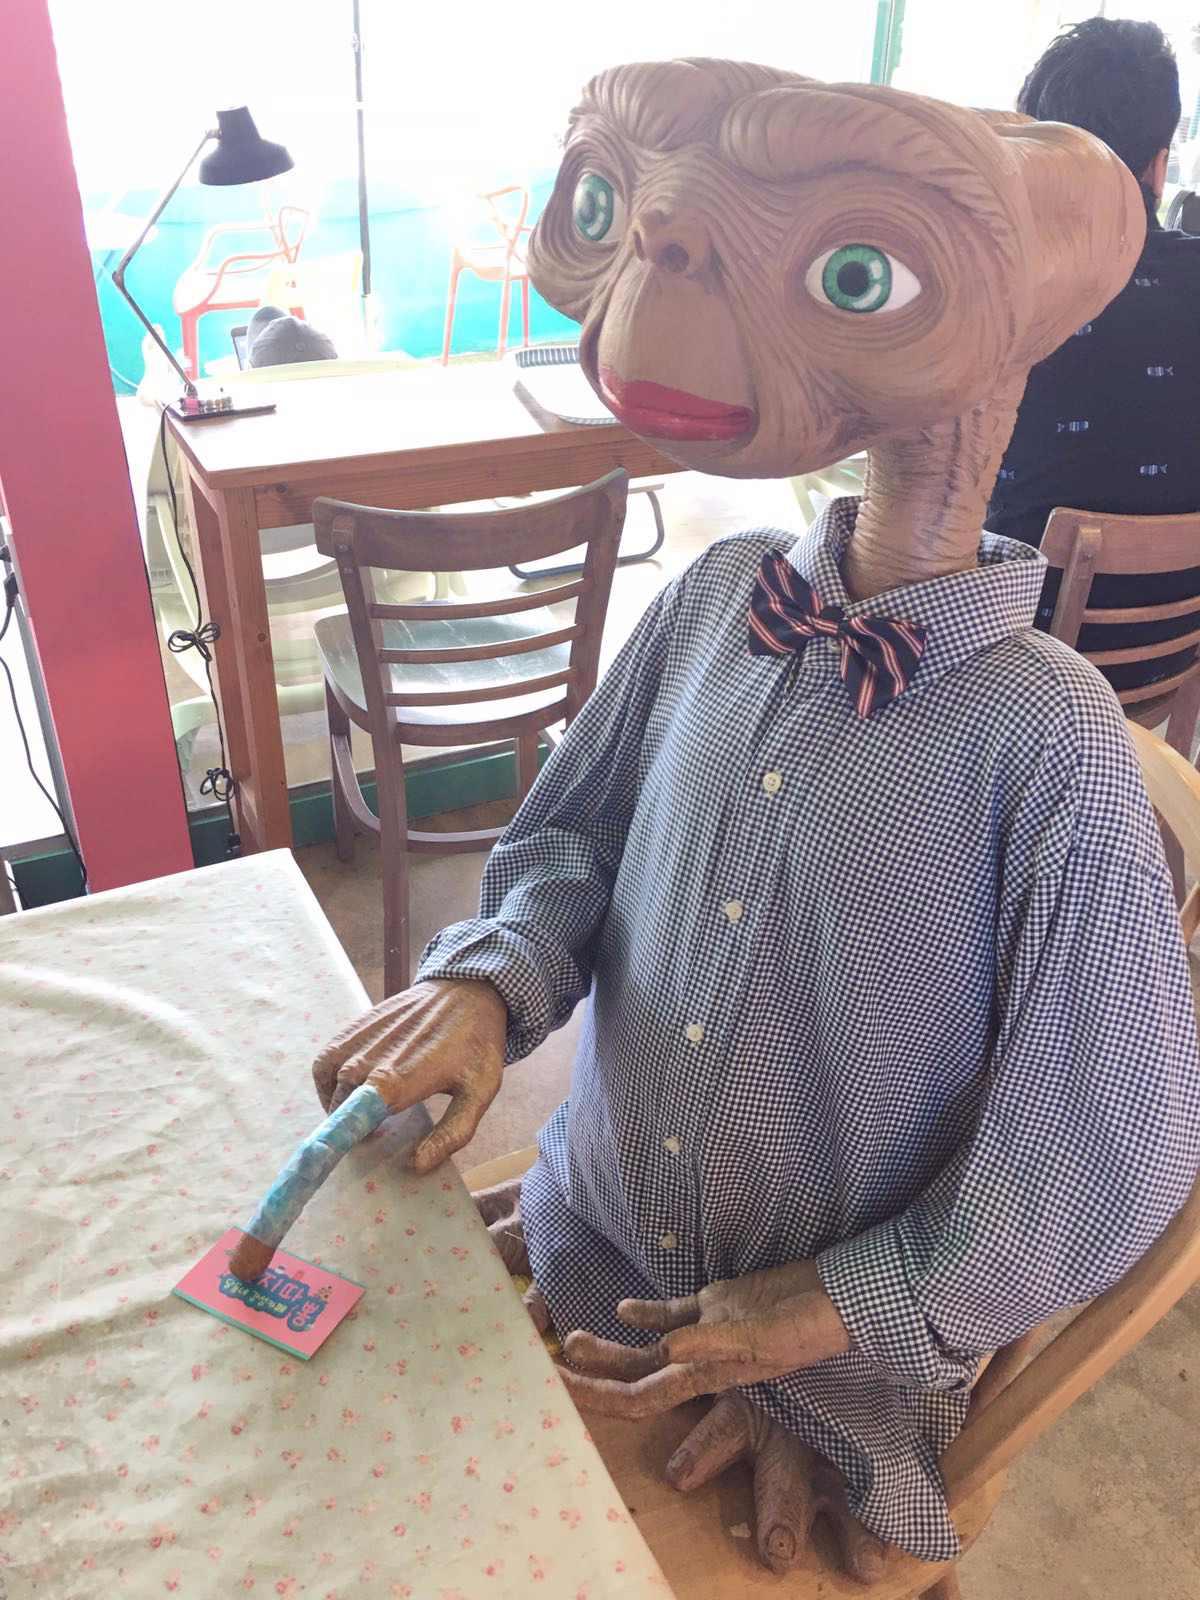 還有ET陪你喝咖啡(誤)